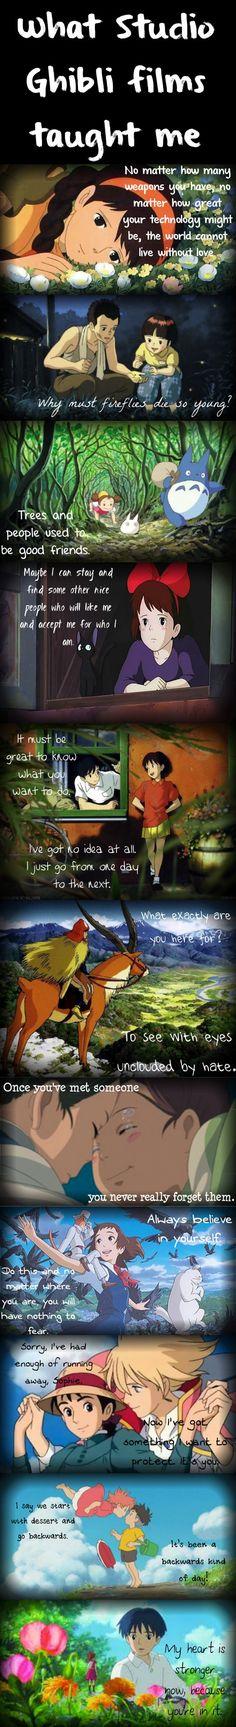 Lecciones Studio Ghibli| Citas| Películas infantiles invaluables basadas en…